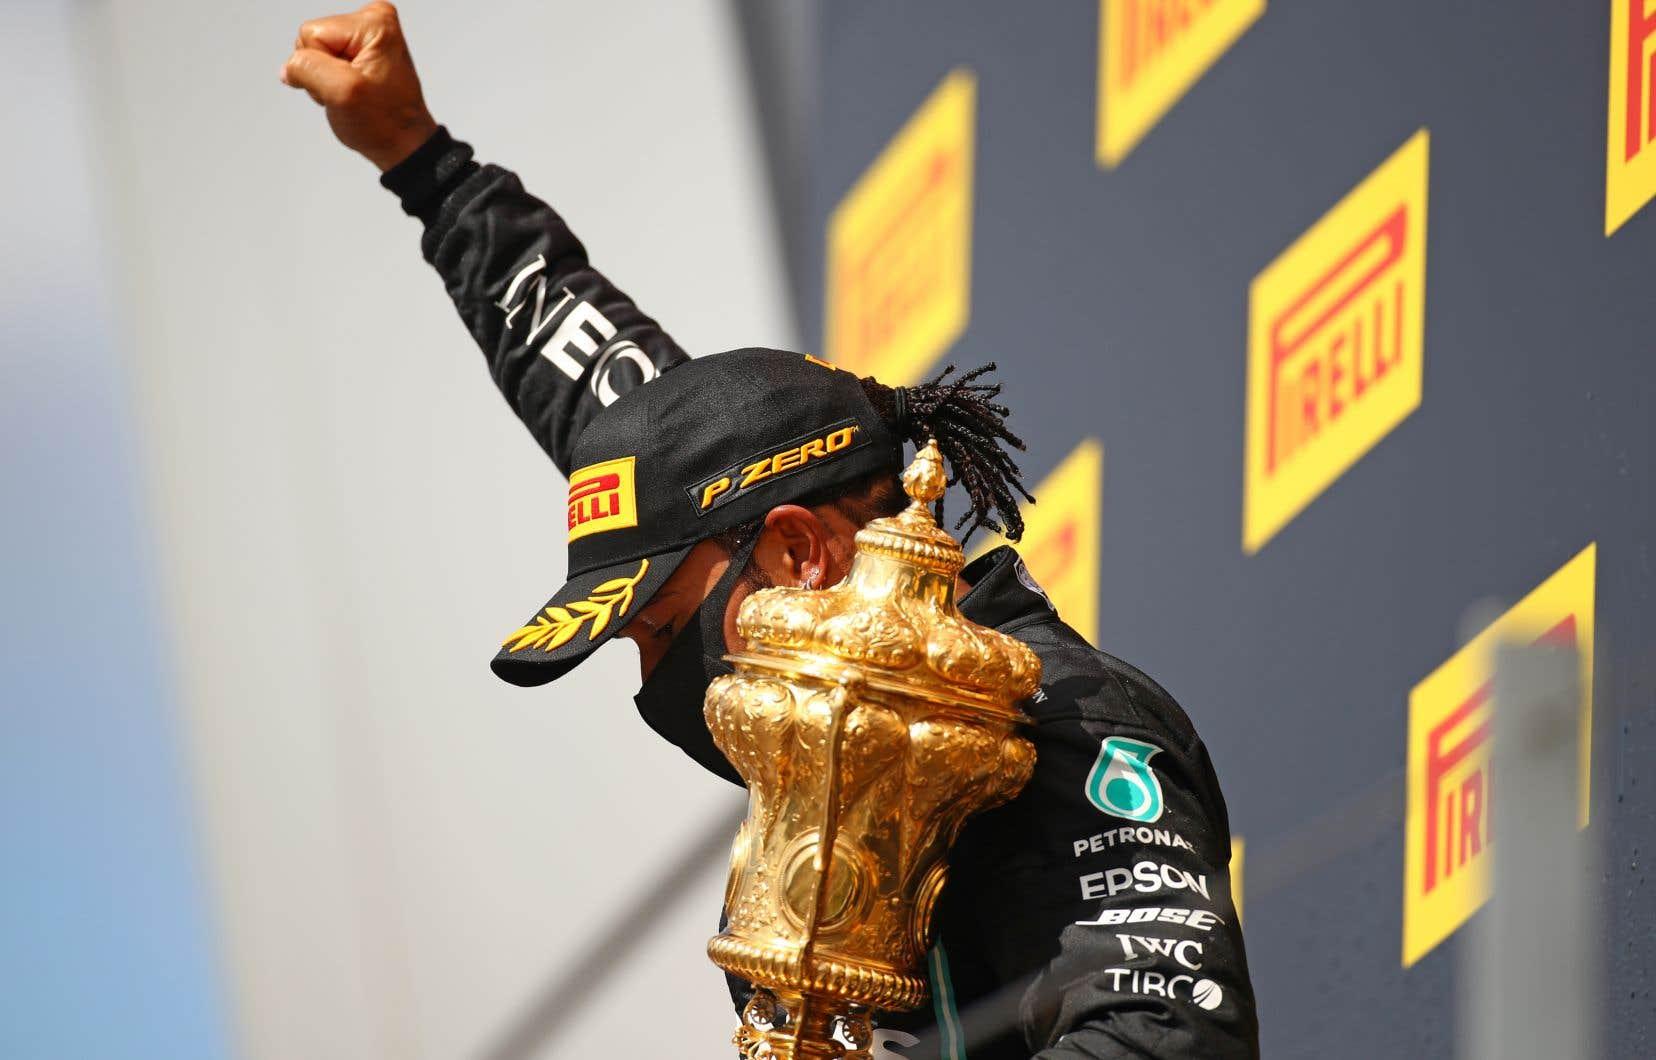 Lewis Hamilton n'a maintenant besoin que de quatre victoires supplémentaires pour égaler le record de Michael Schumacher, meneur historique en F1 avec ses 91 triomphes.